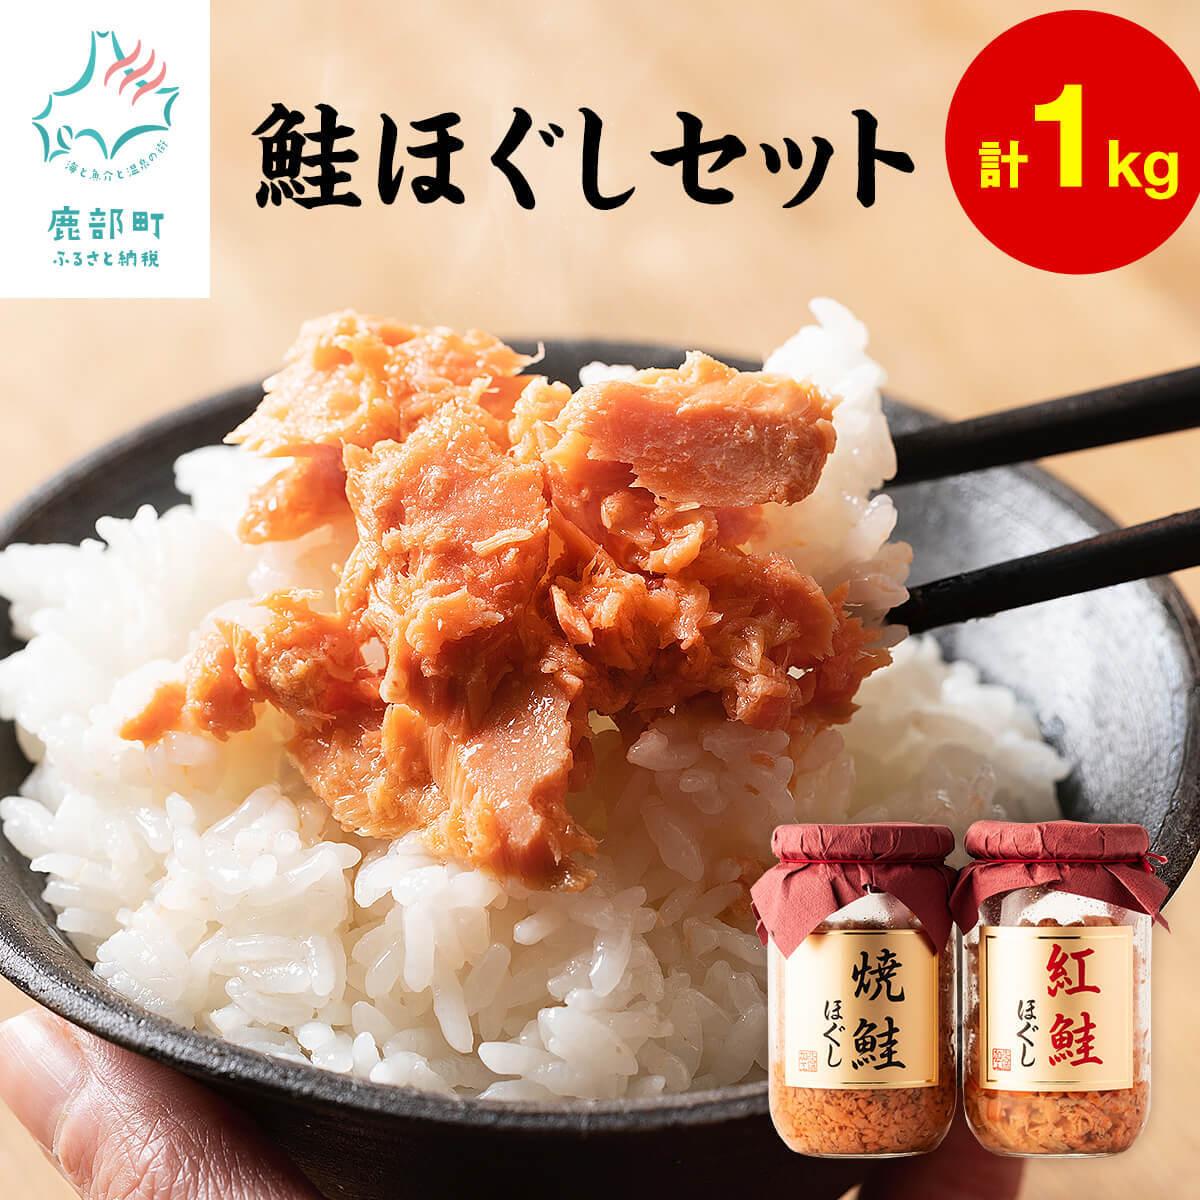 北海道産「鮭フレーク」(焼鮭ほぐし4本・紅鮭ほぐし1本)